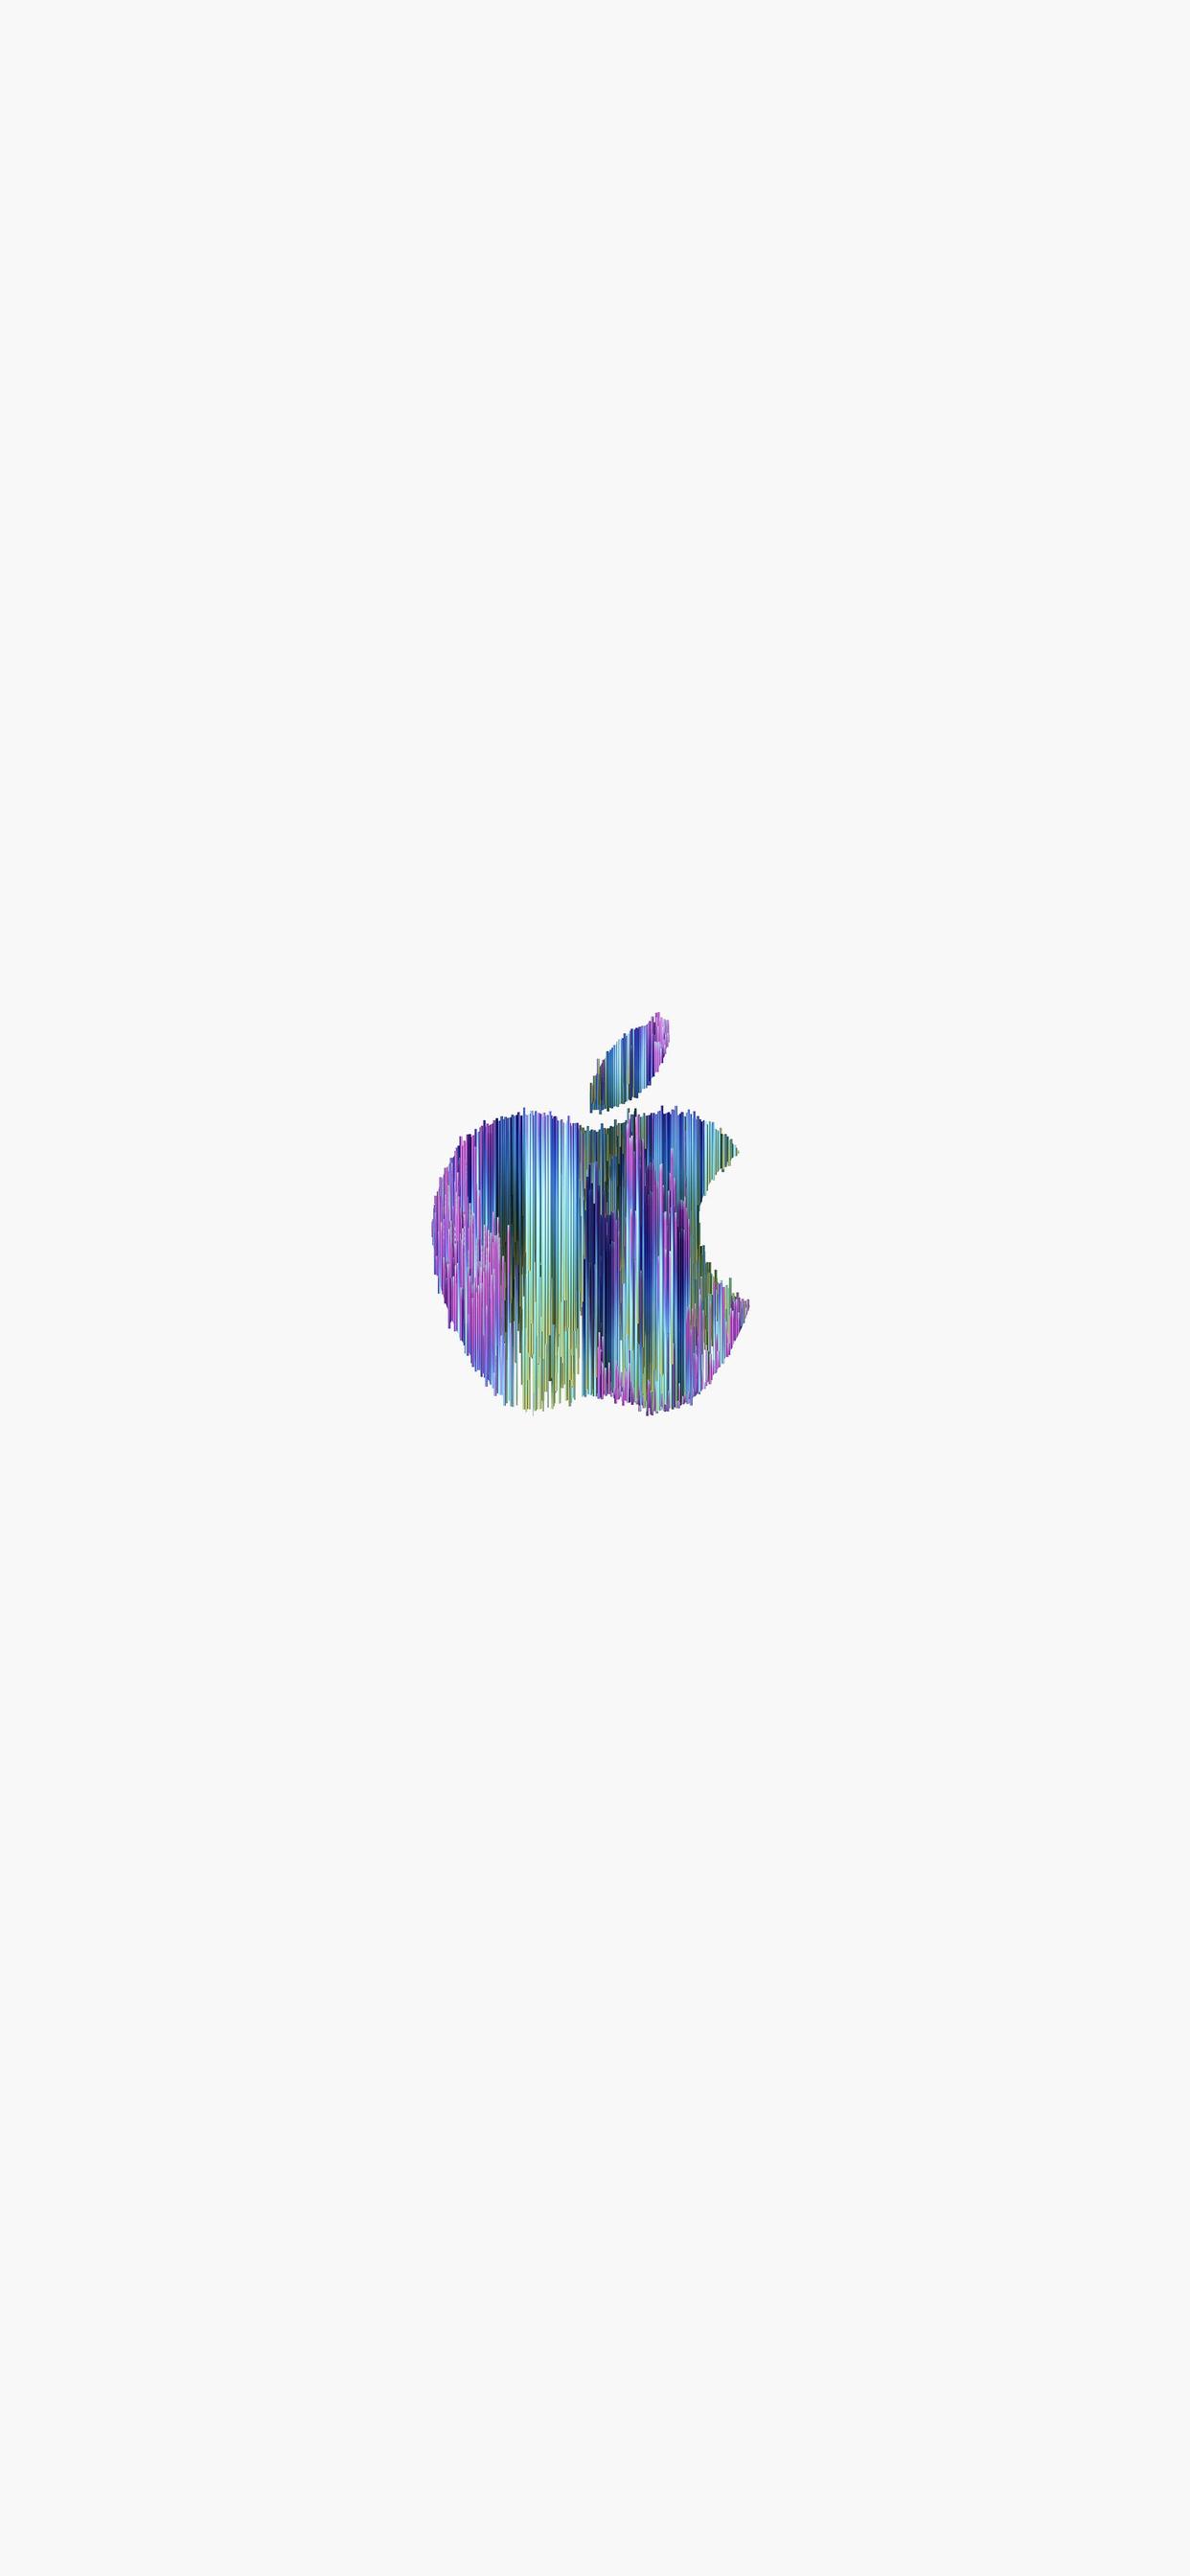 25 Fonds d'écran avec le logo Apple pour iPhone